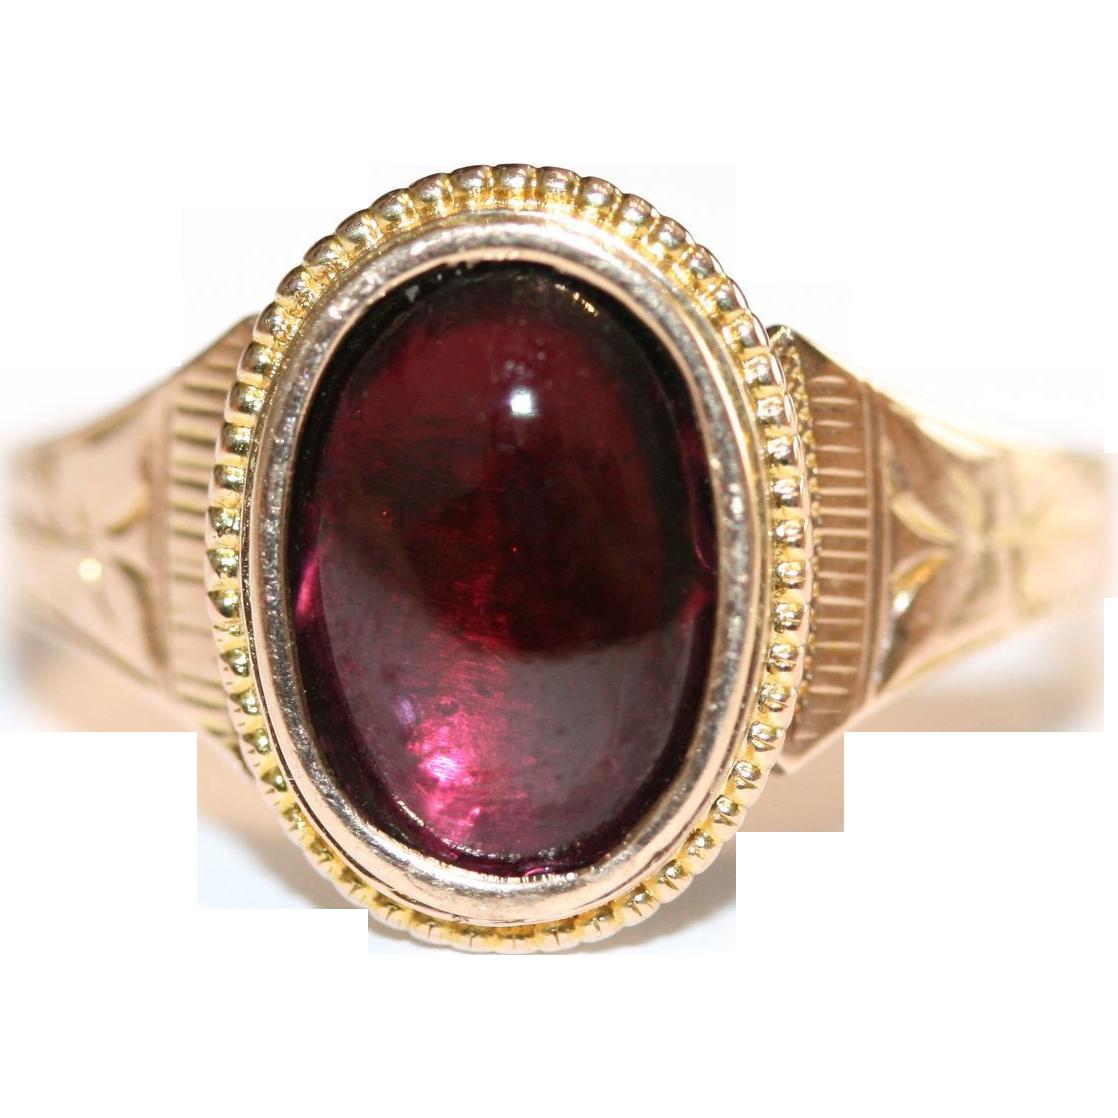 Antique Engraved 9 Carat Rose Gold And Cabochon Garnet